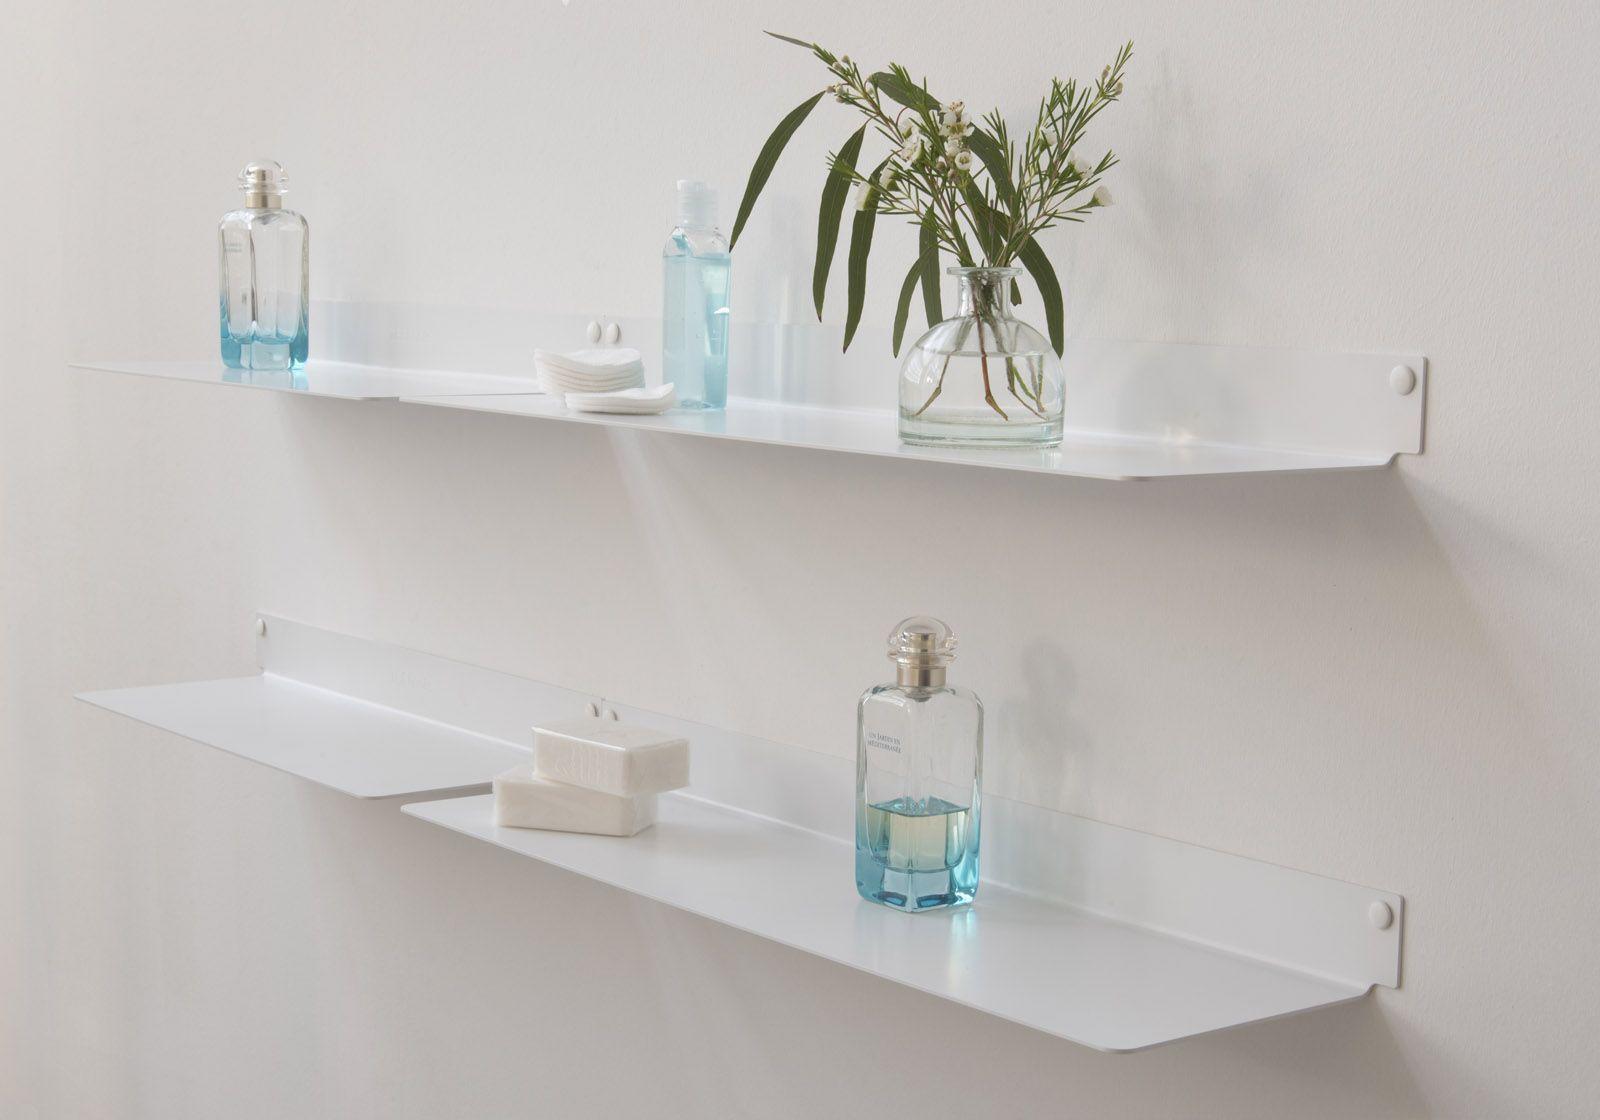 Etagere Salle De Bain A Poser achetez Étagère salle de bain 60 cm - lot de 4